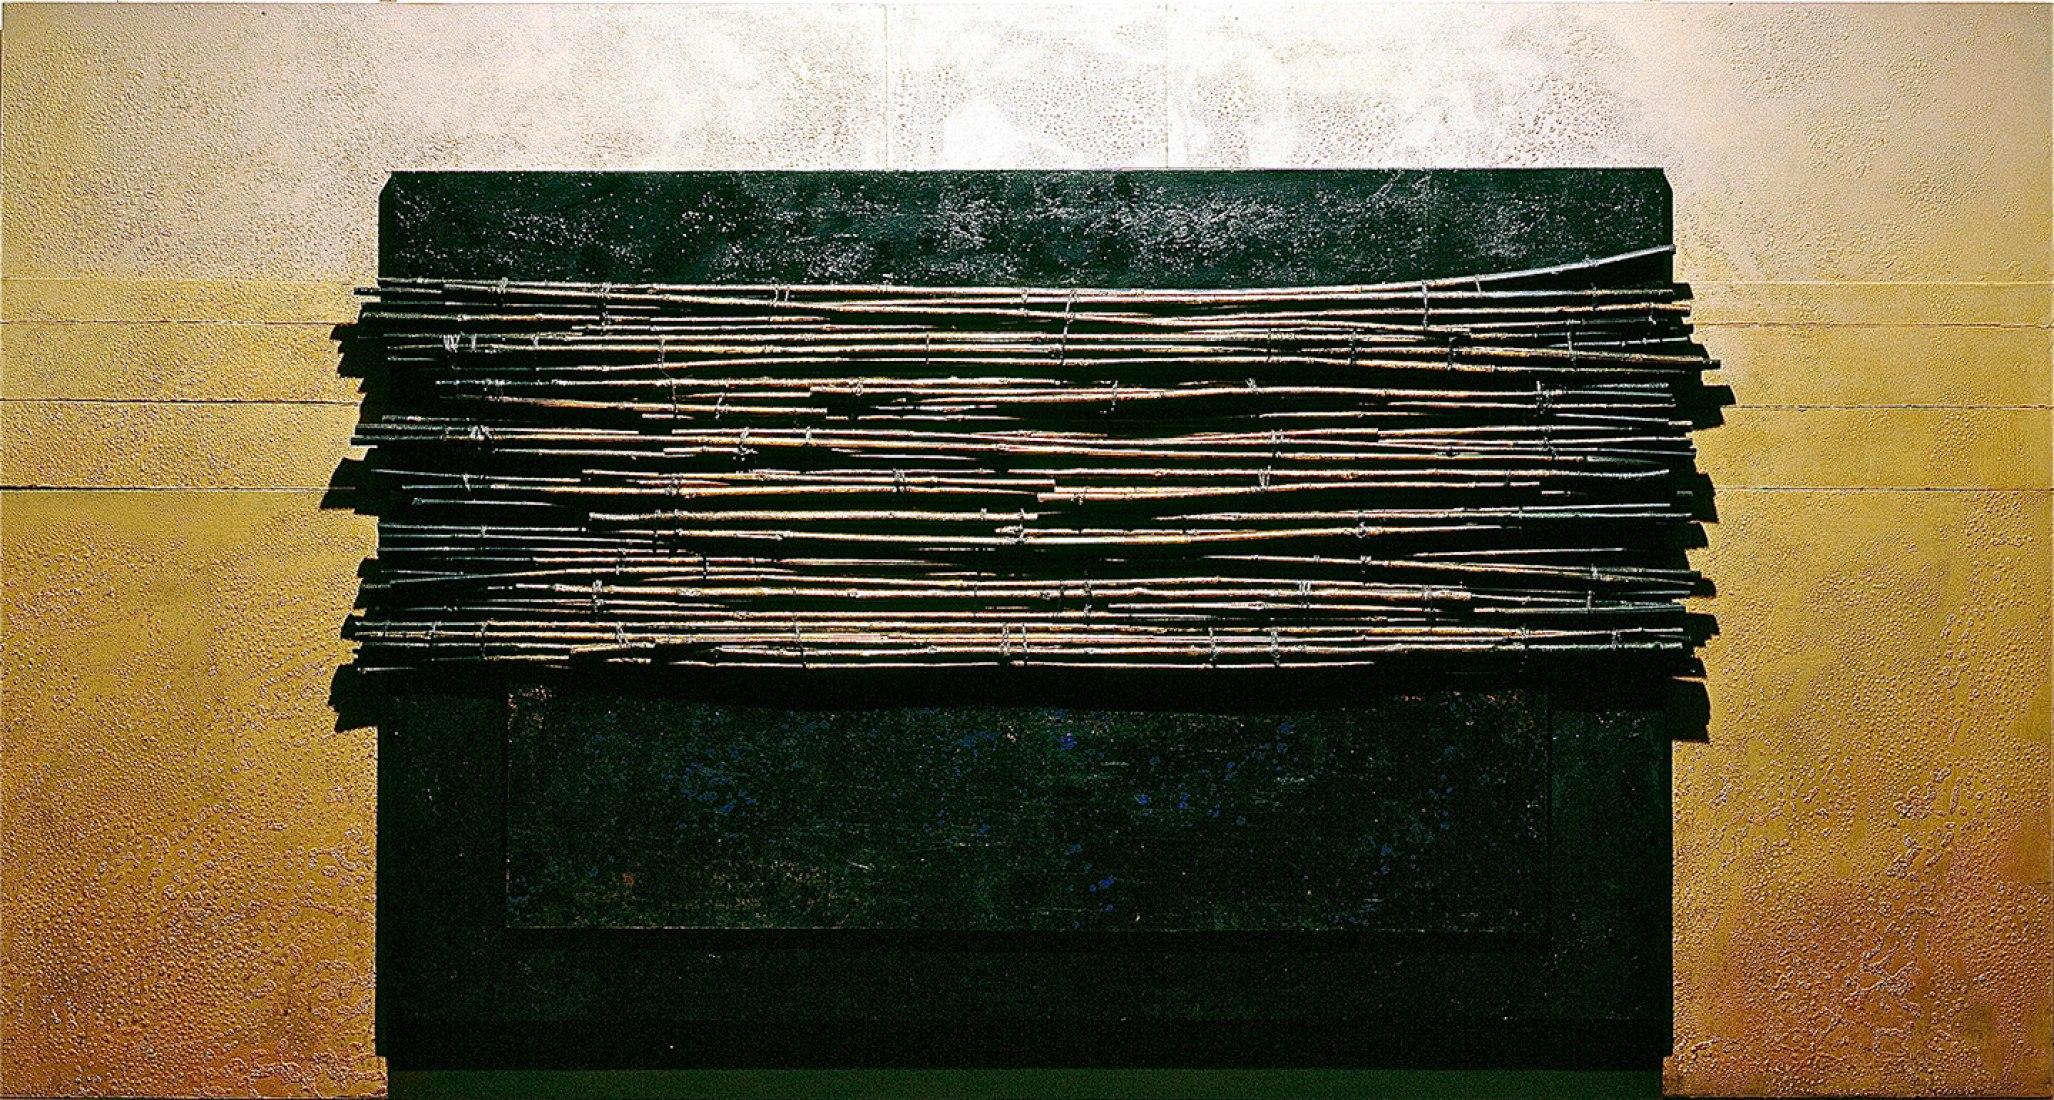 Farreras. 813A.  130 x 242.  2007. Imagen cortesía de la exposición.